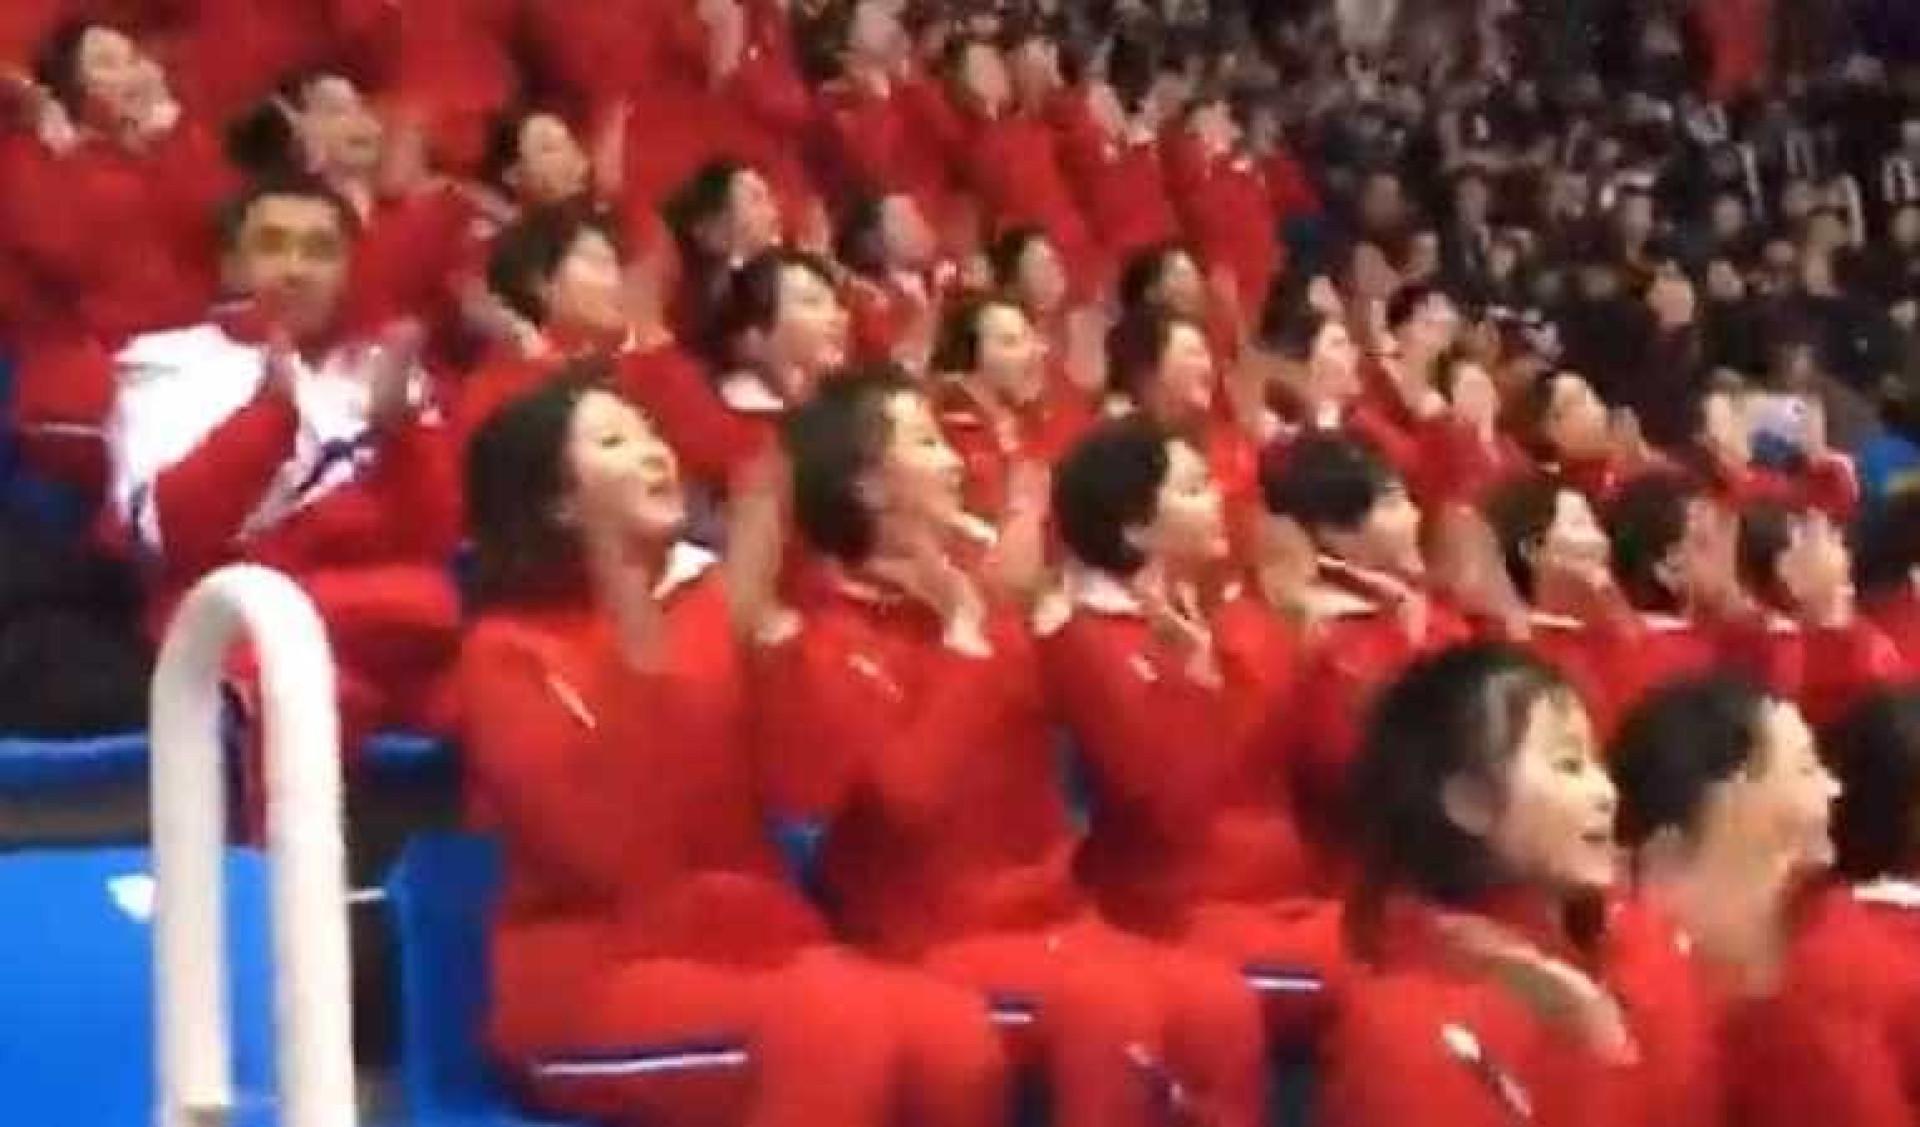 Perfeição da equipa de cheerleaders da Coreia do Norte esconde algo grave